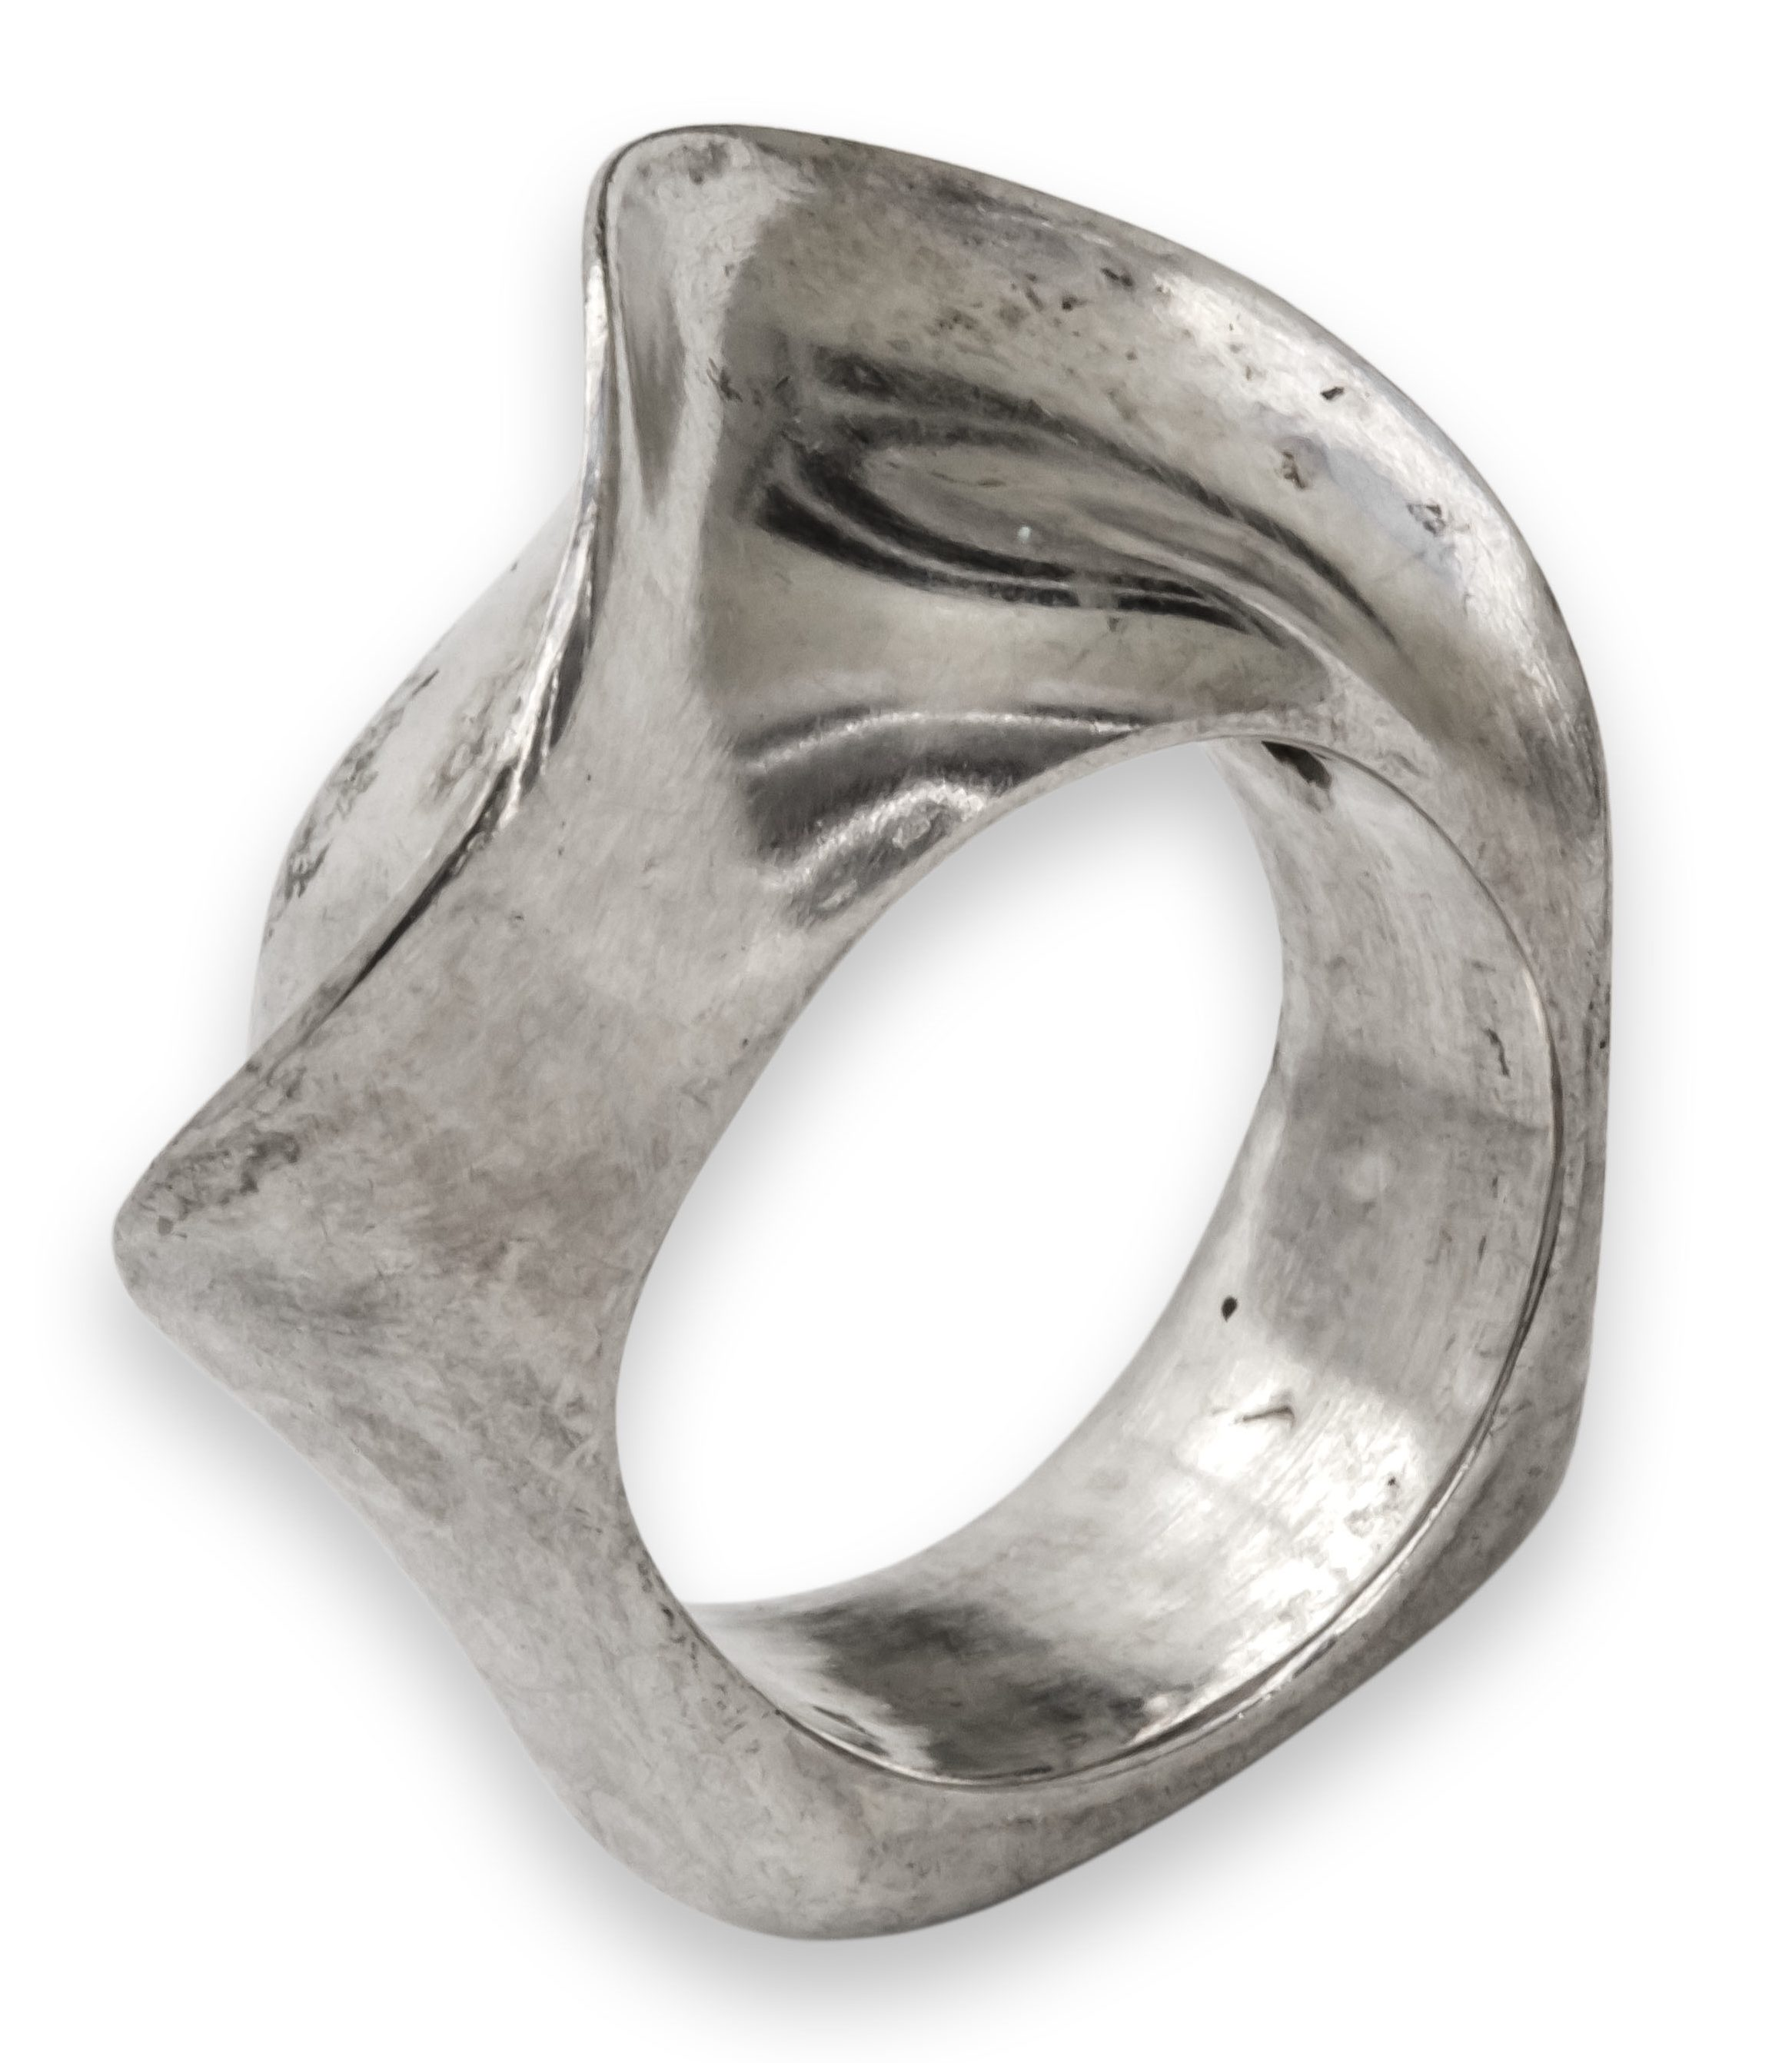 Max Fröhlich, ring, 1965-1970. Collectie Ida Boelen-van Gelder. Fotografie Aldo Smit©